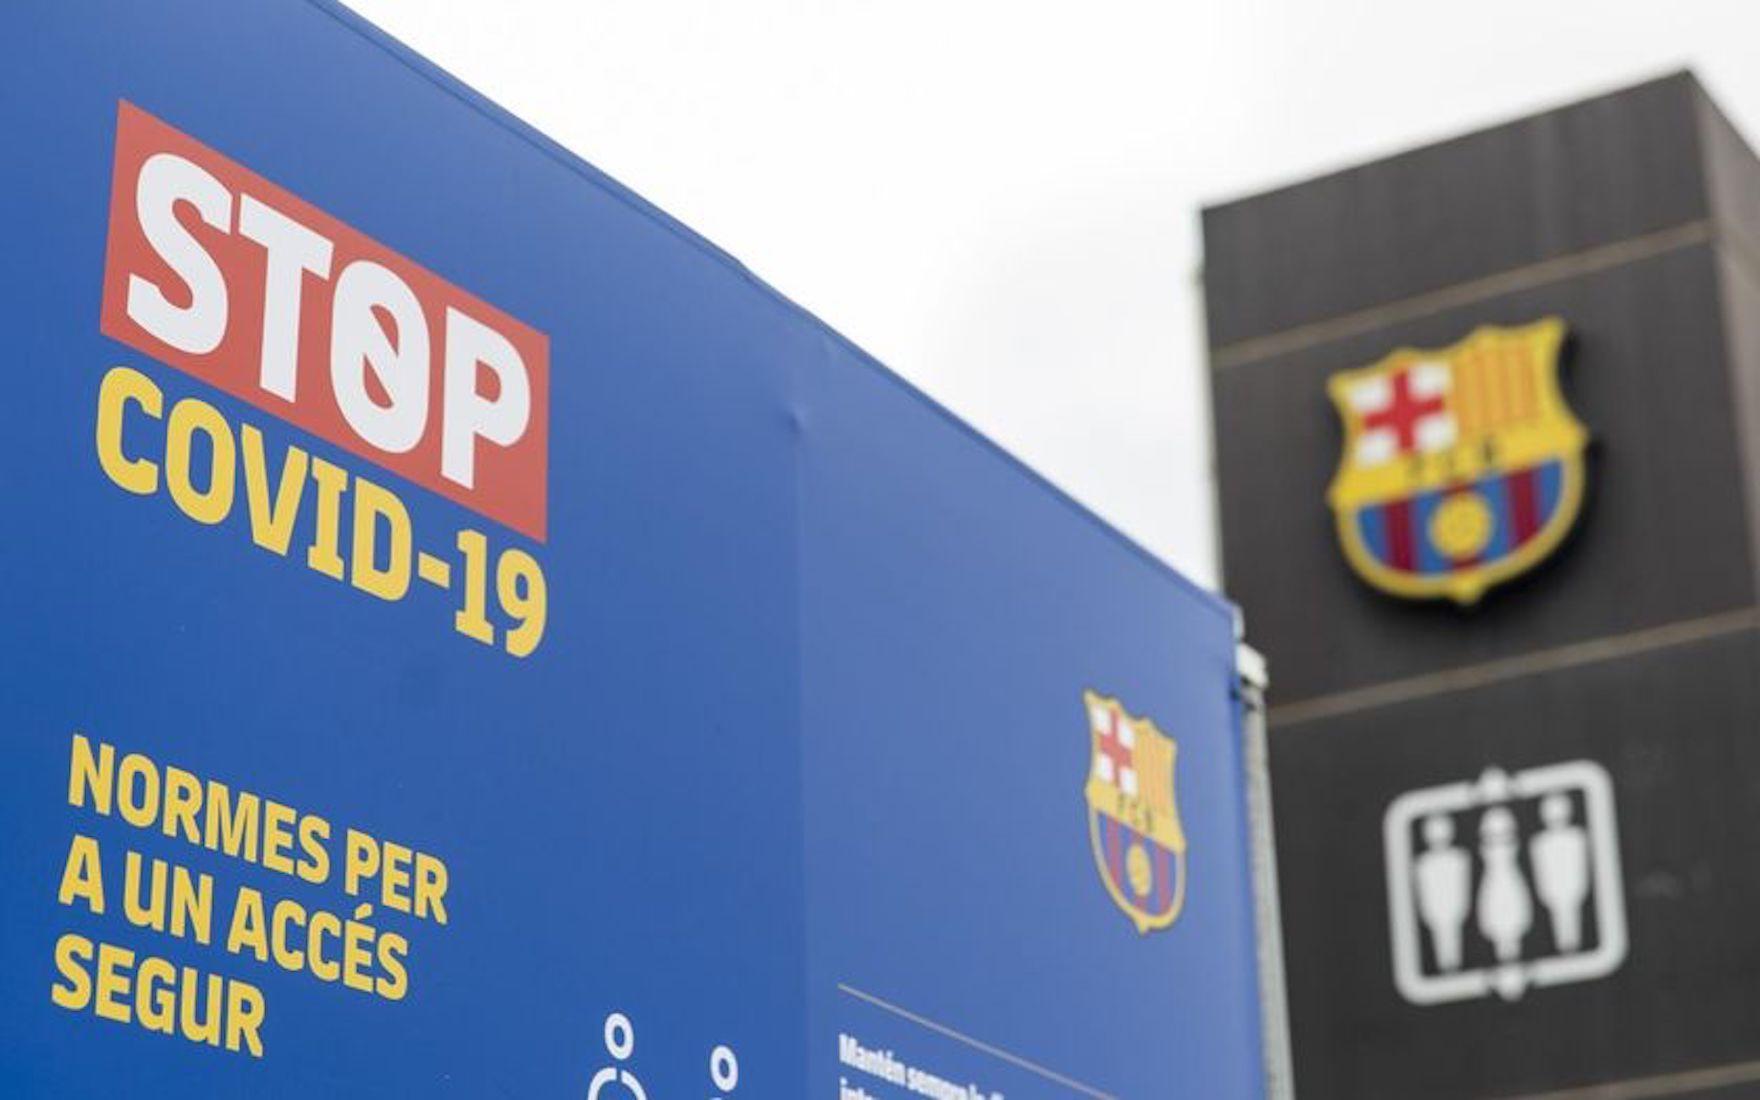 El Barça torna a obrir les seves instal·lacions | FC Barcelona